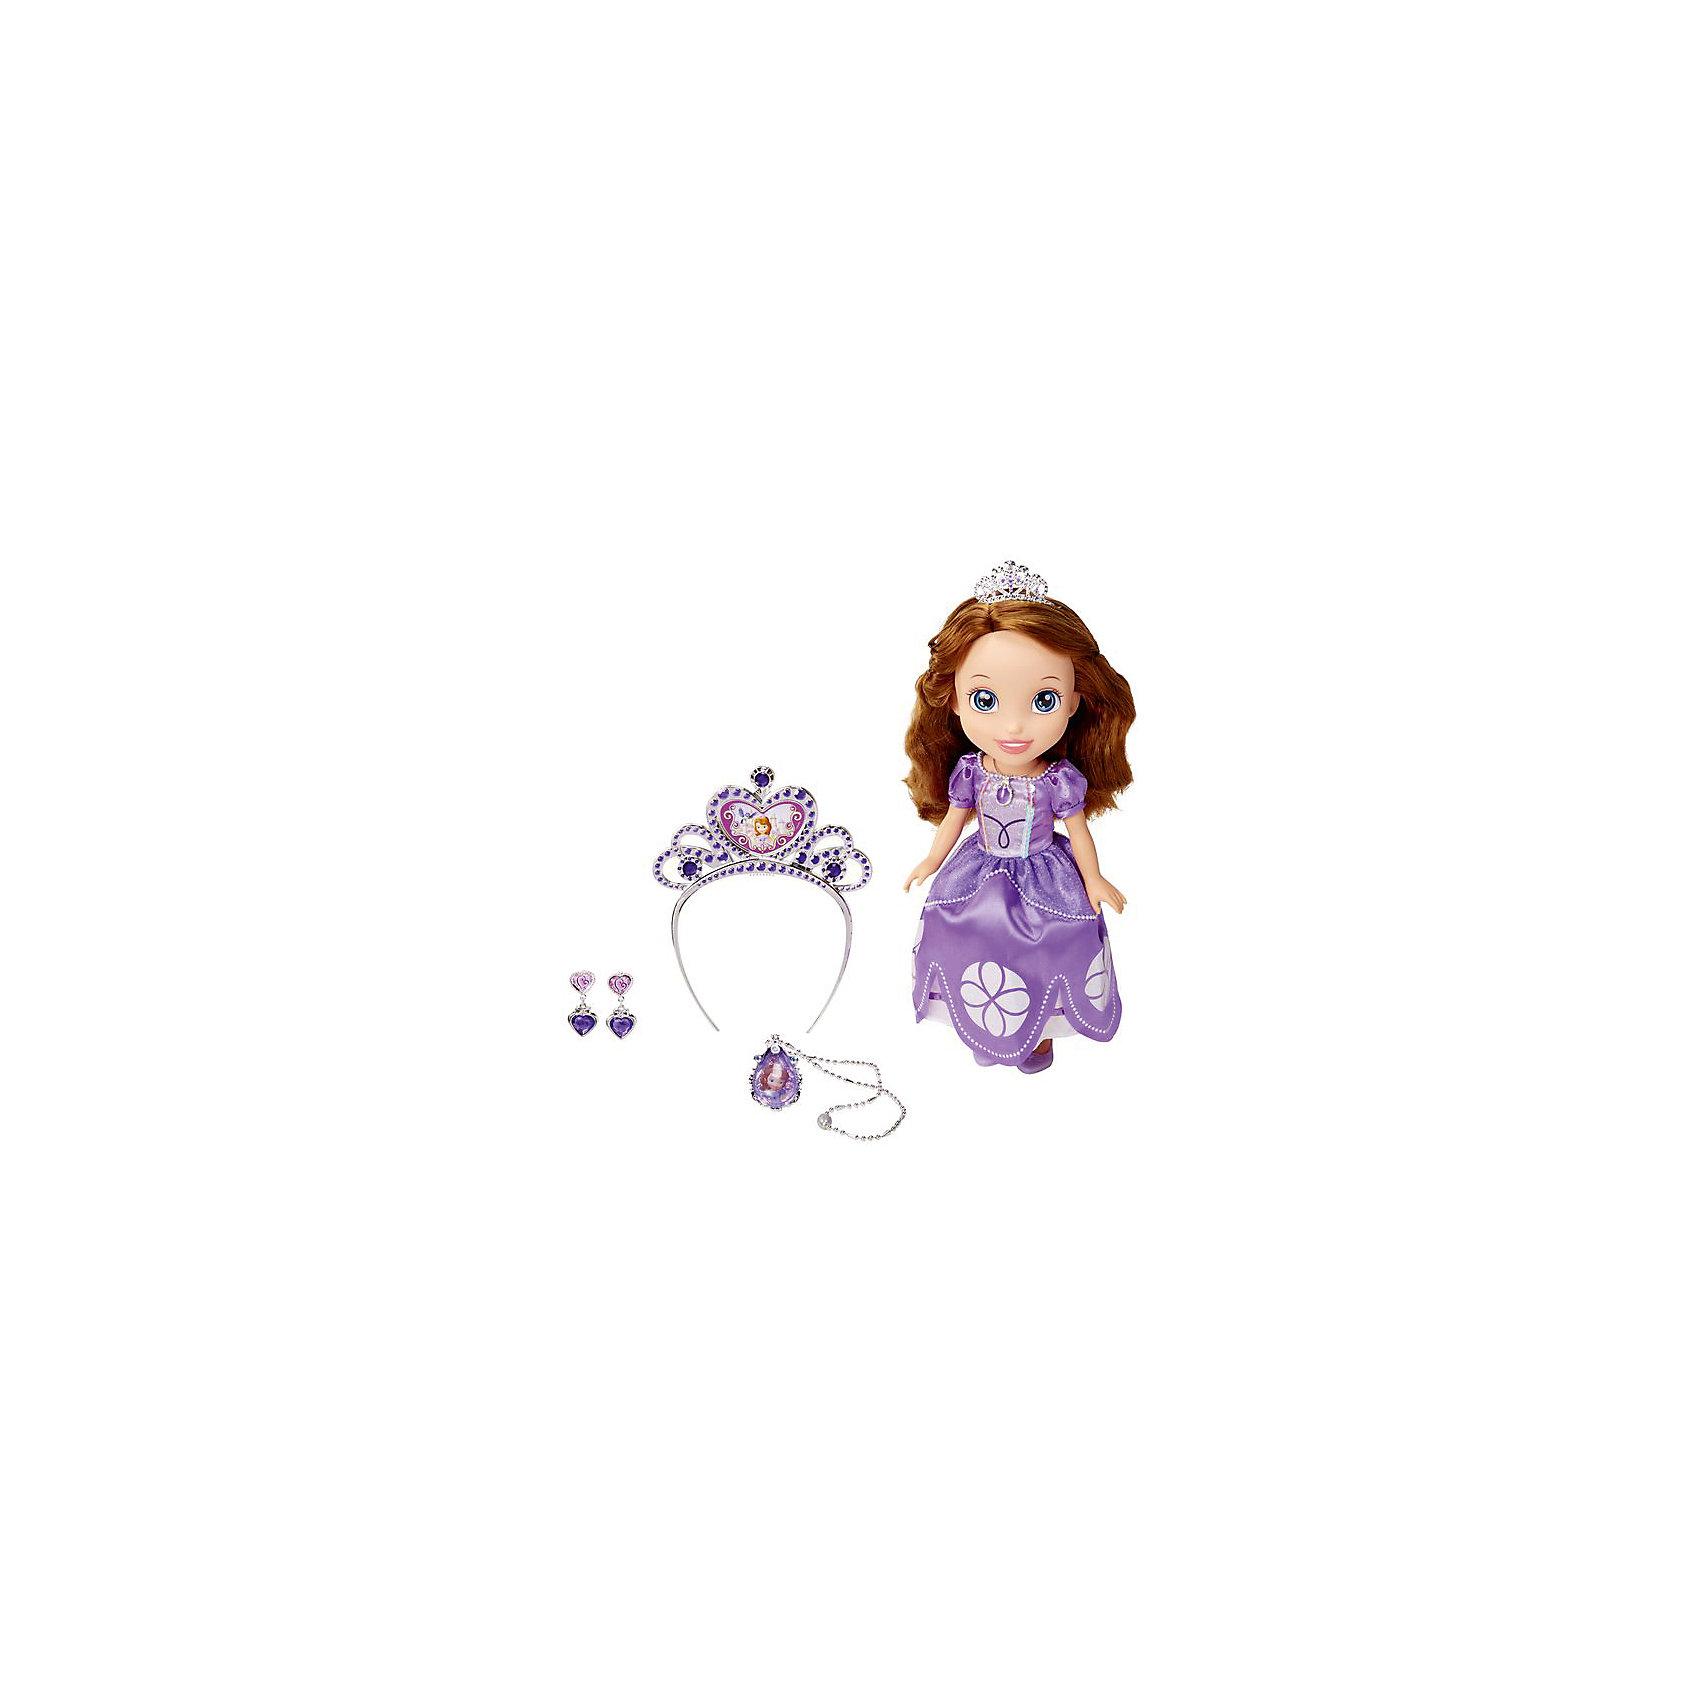 Disney Кукла София, с аксессуарами, 37 см, София Прекрасная, Принцессы Дисней куклы карапуз кукла disney принцесса софия